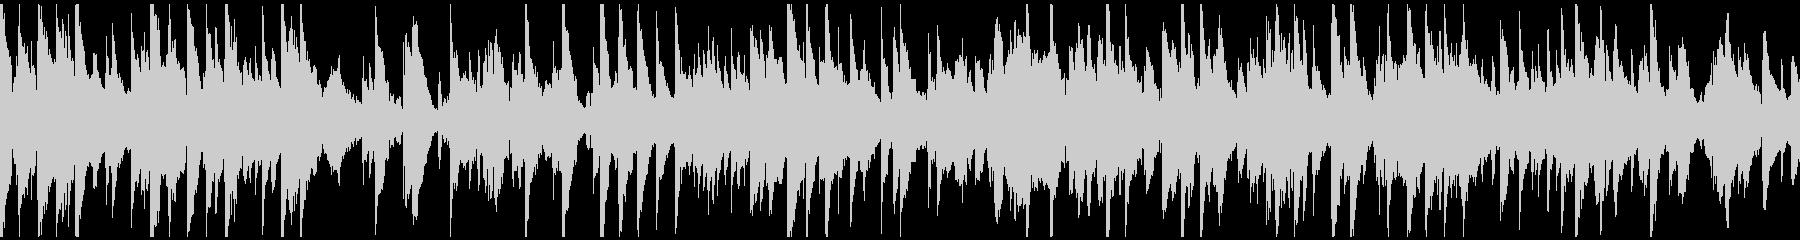 ラブシーン向けのサックス ※ループ仕様版の未再生の波形